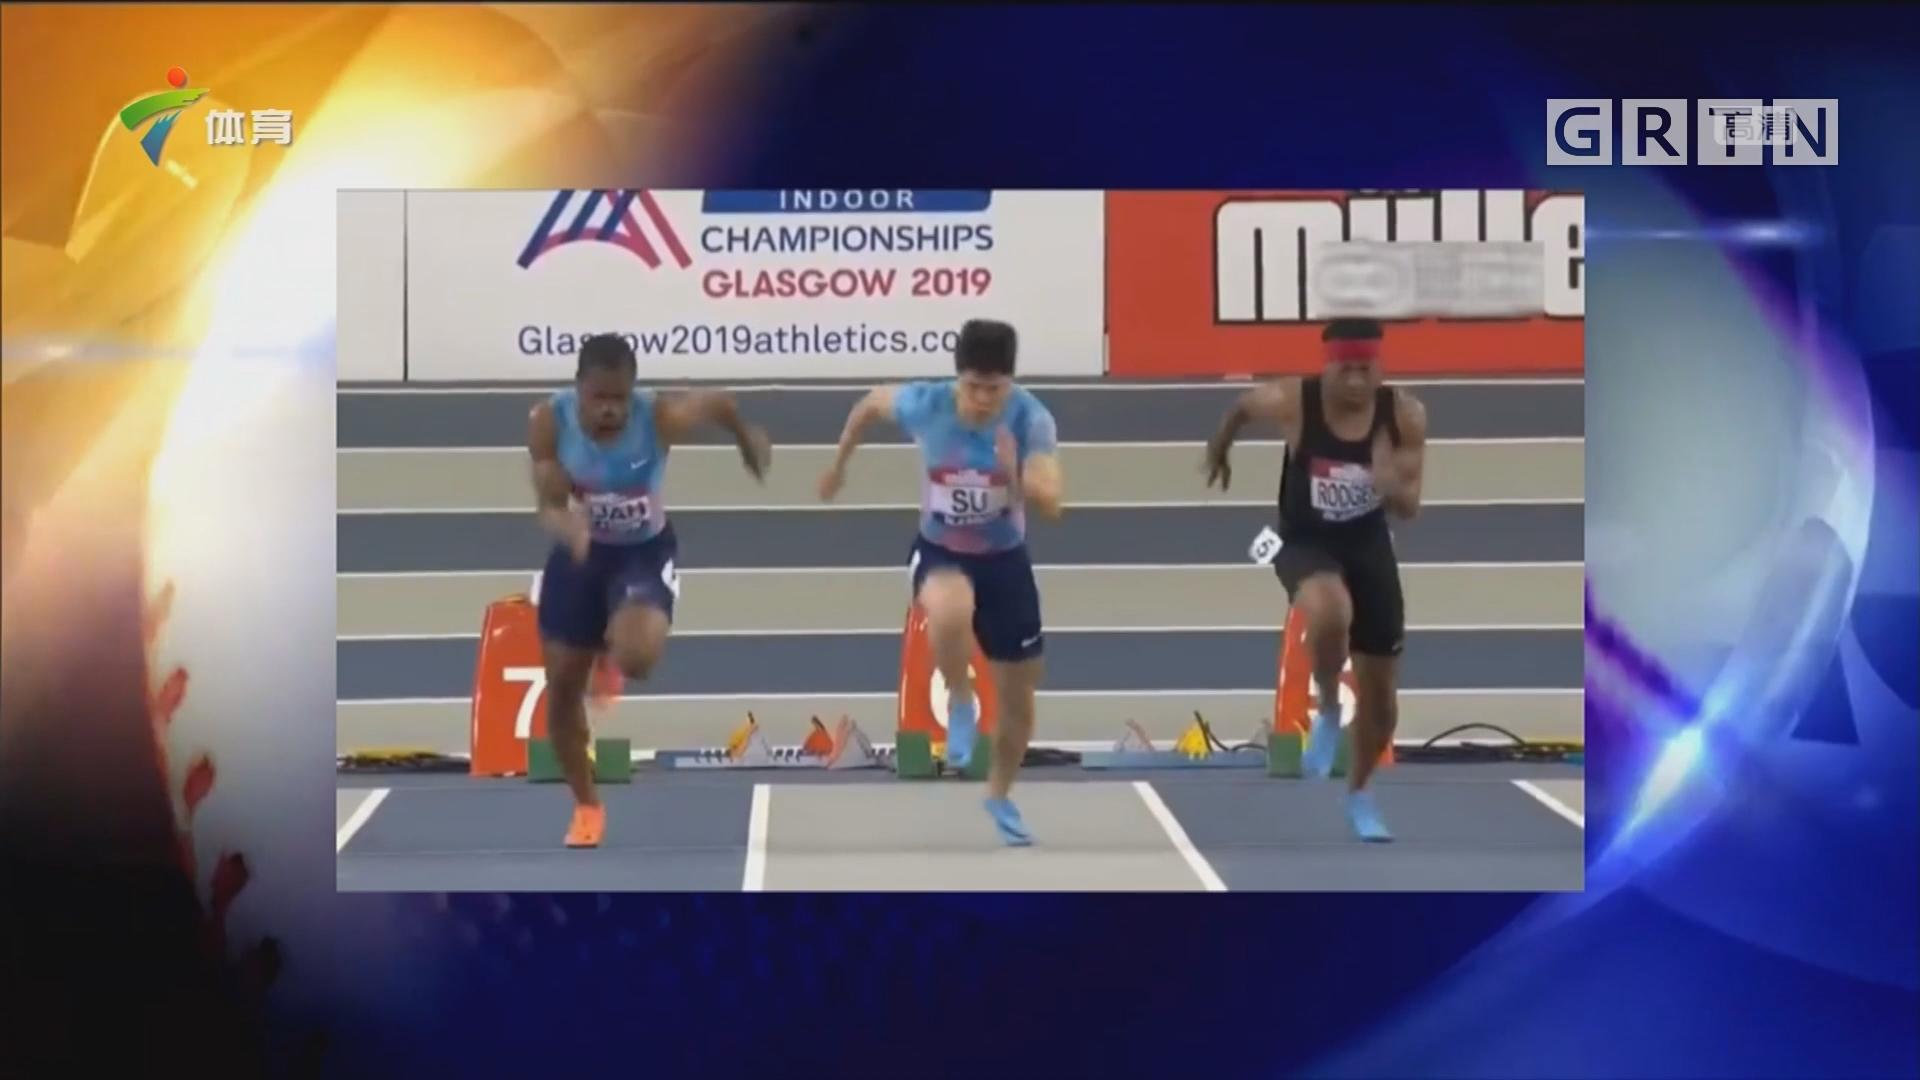 苏炳添60米四连冠 获2018室内巡回赛总冠军